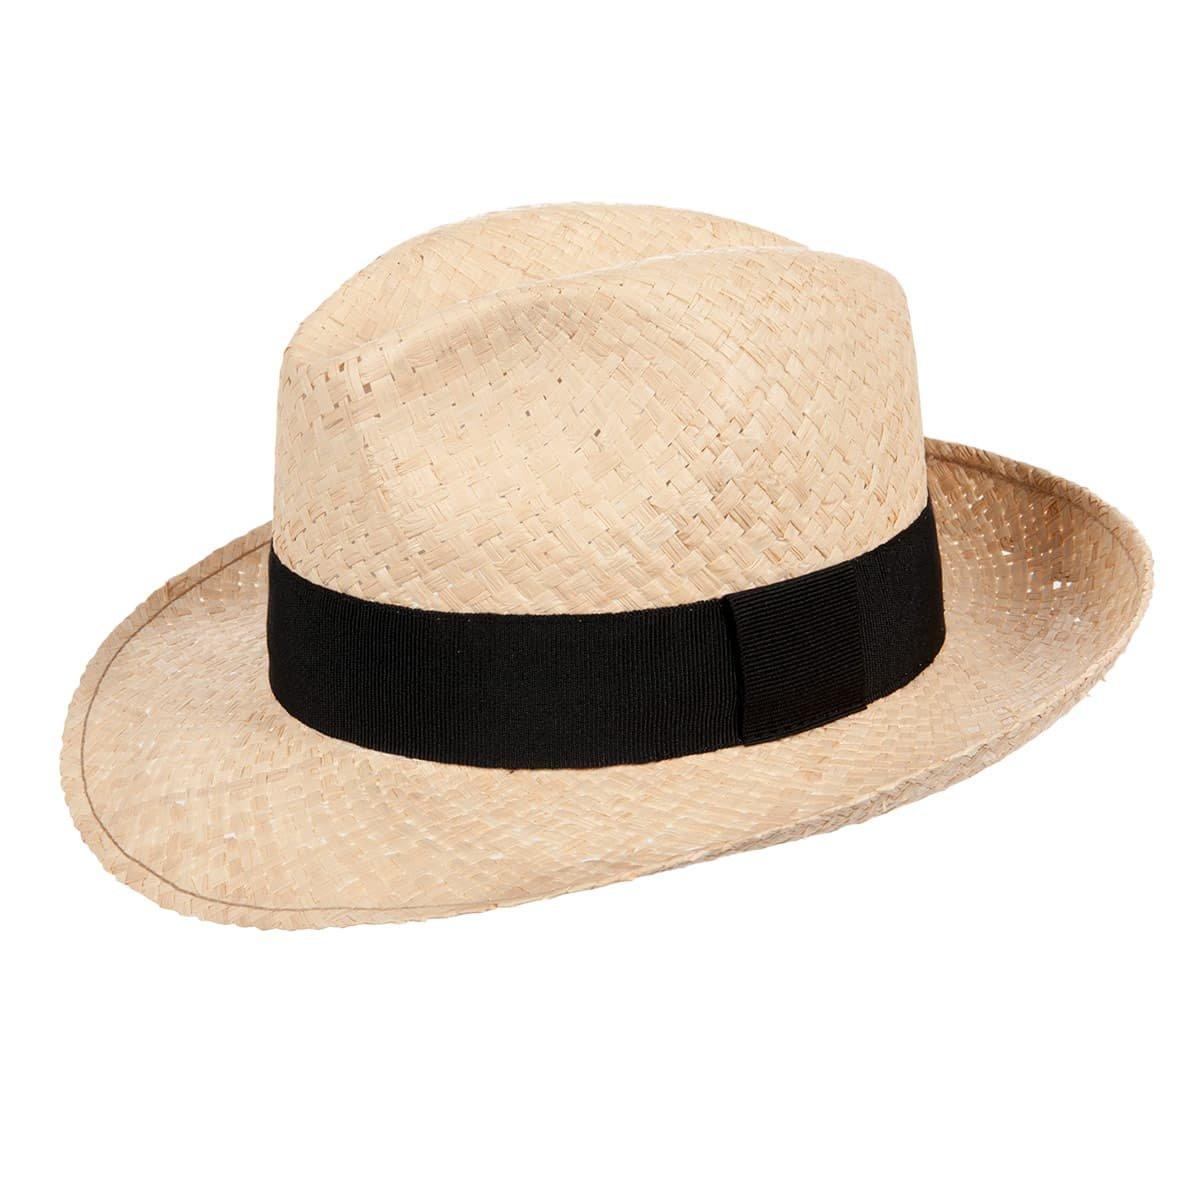 Cappello di paglia a tesa larga con nastro nero ... 1030b6f54b8b